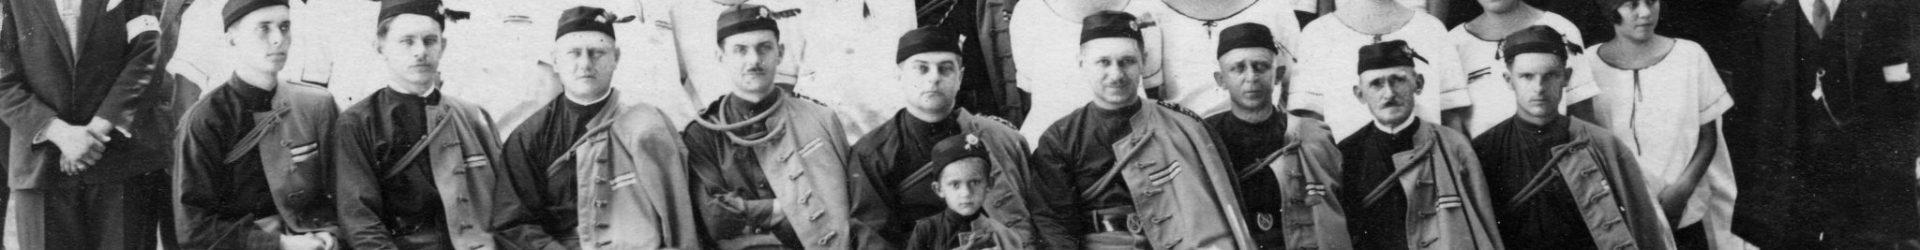 Hrvatski sokol u Pakracu, 1928.